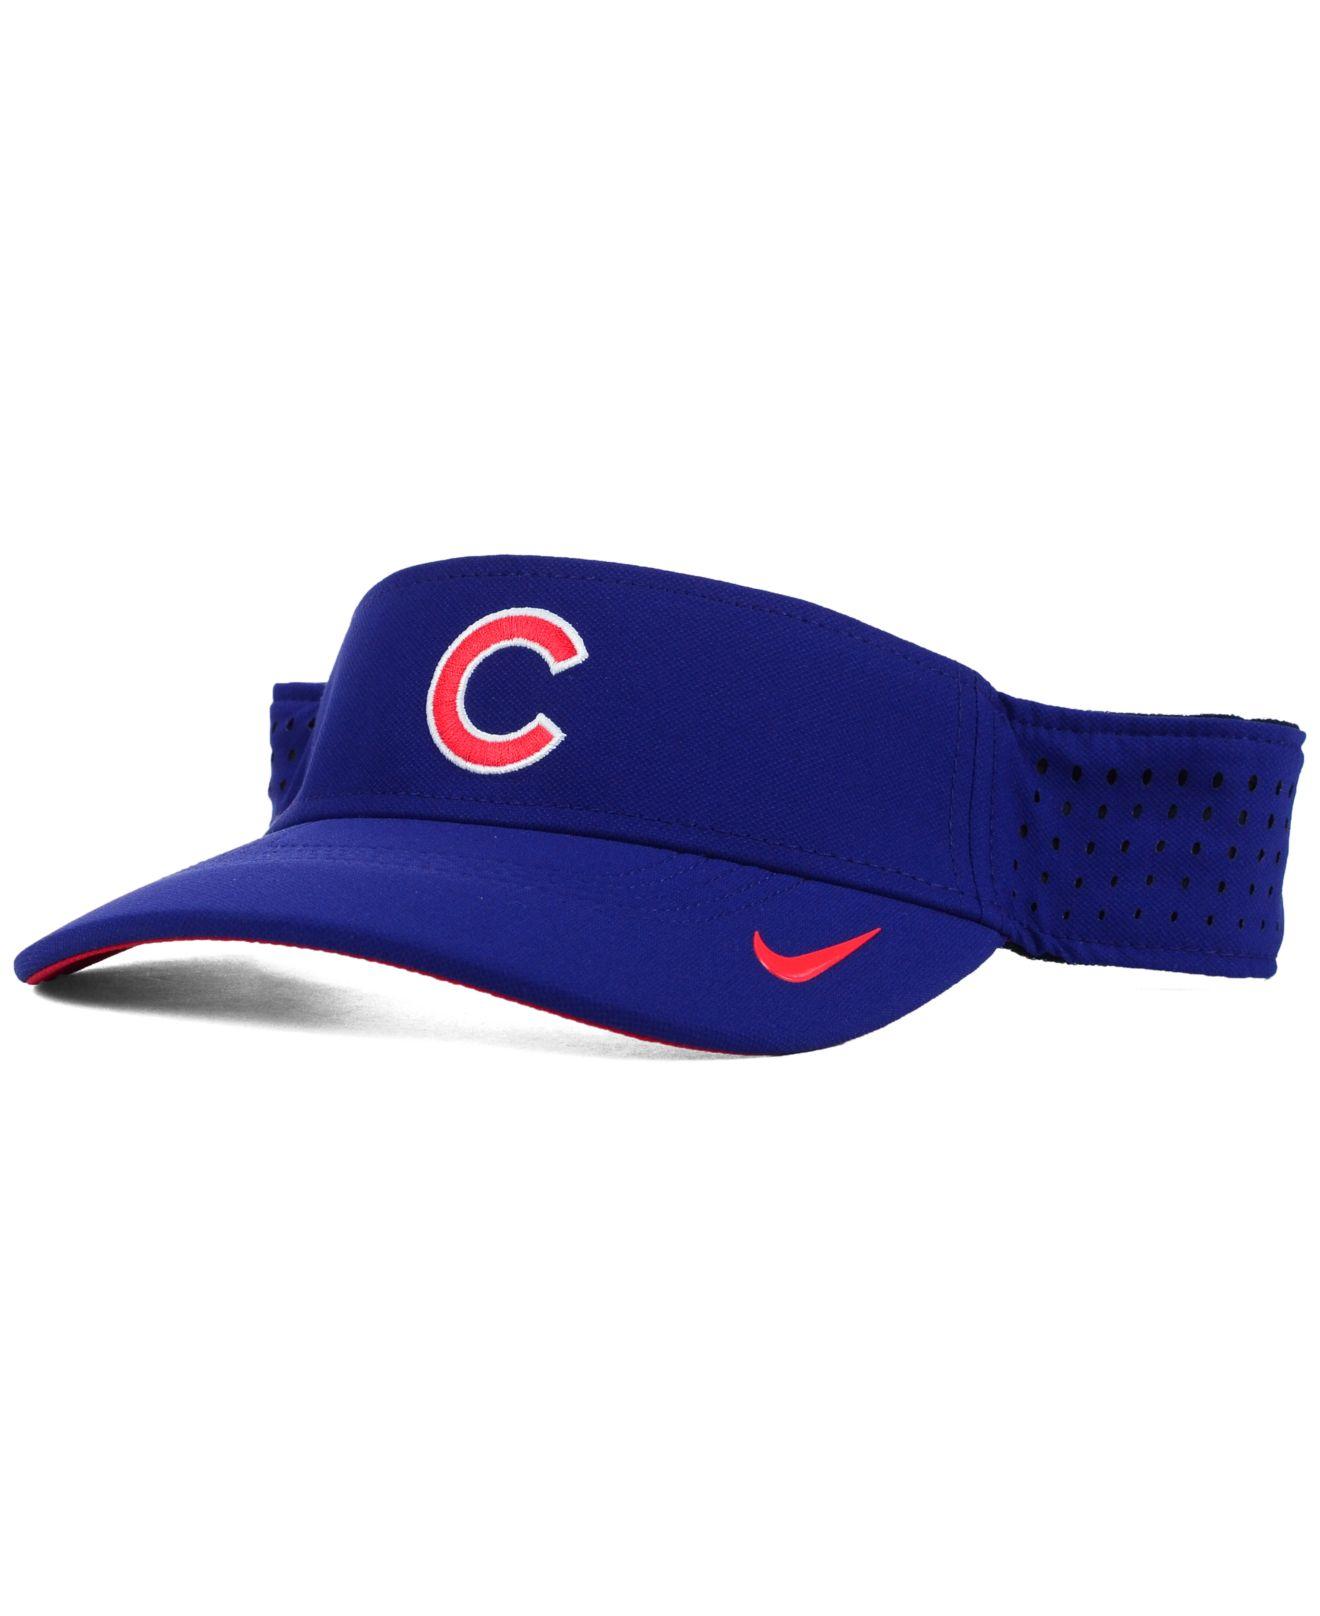 Lyst - Nike Chicago Cubs Vapor Visor in Blue for Men 23fedd8800e